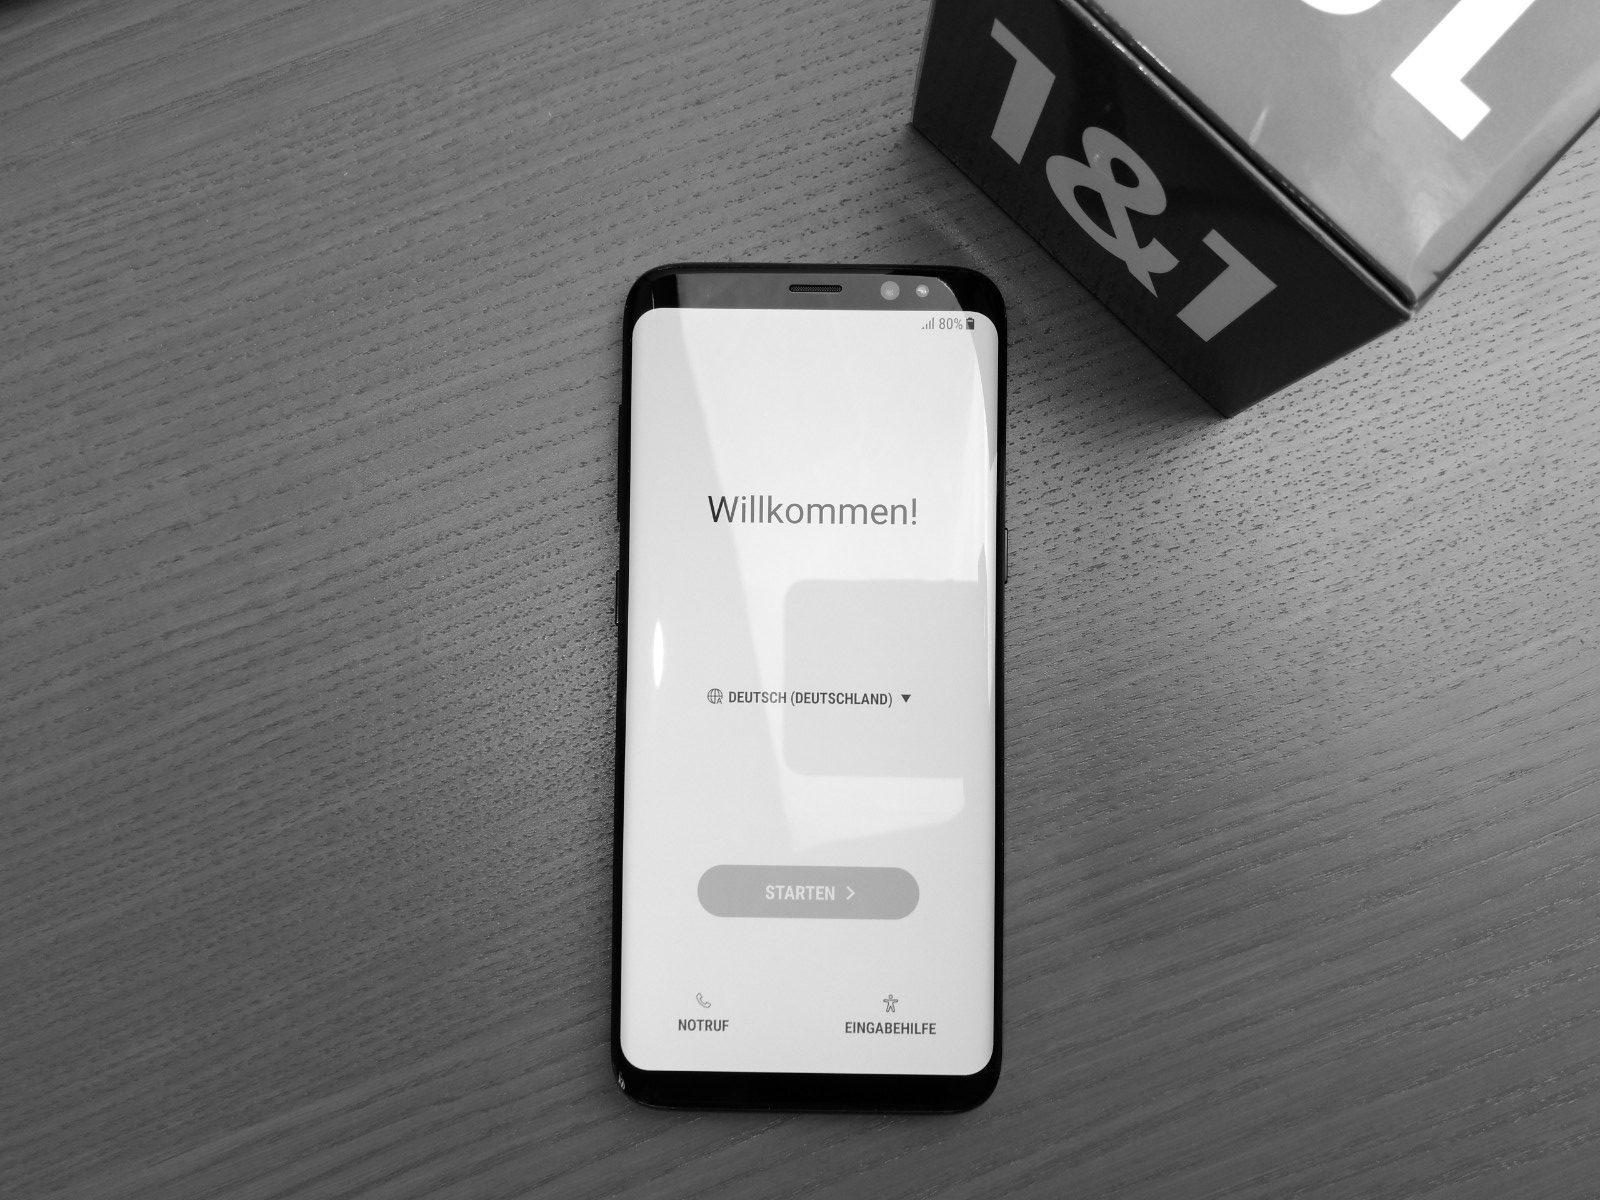 Samsung Galaxy S8 Testbericht: Auf dem Weg zur Perfektion kurz abgebogen